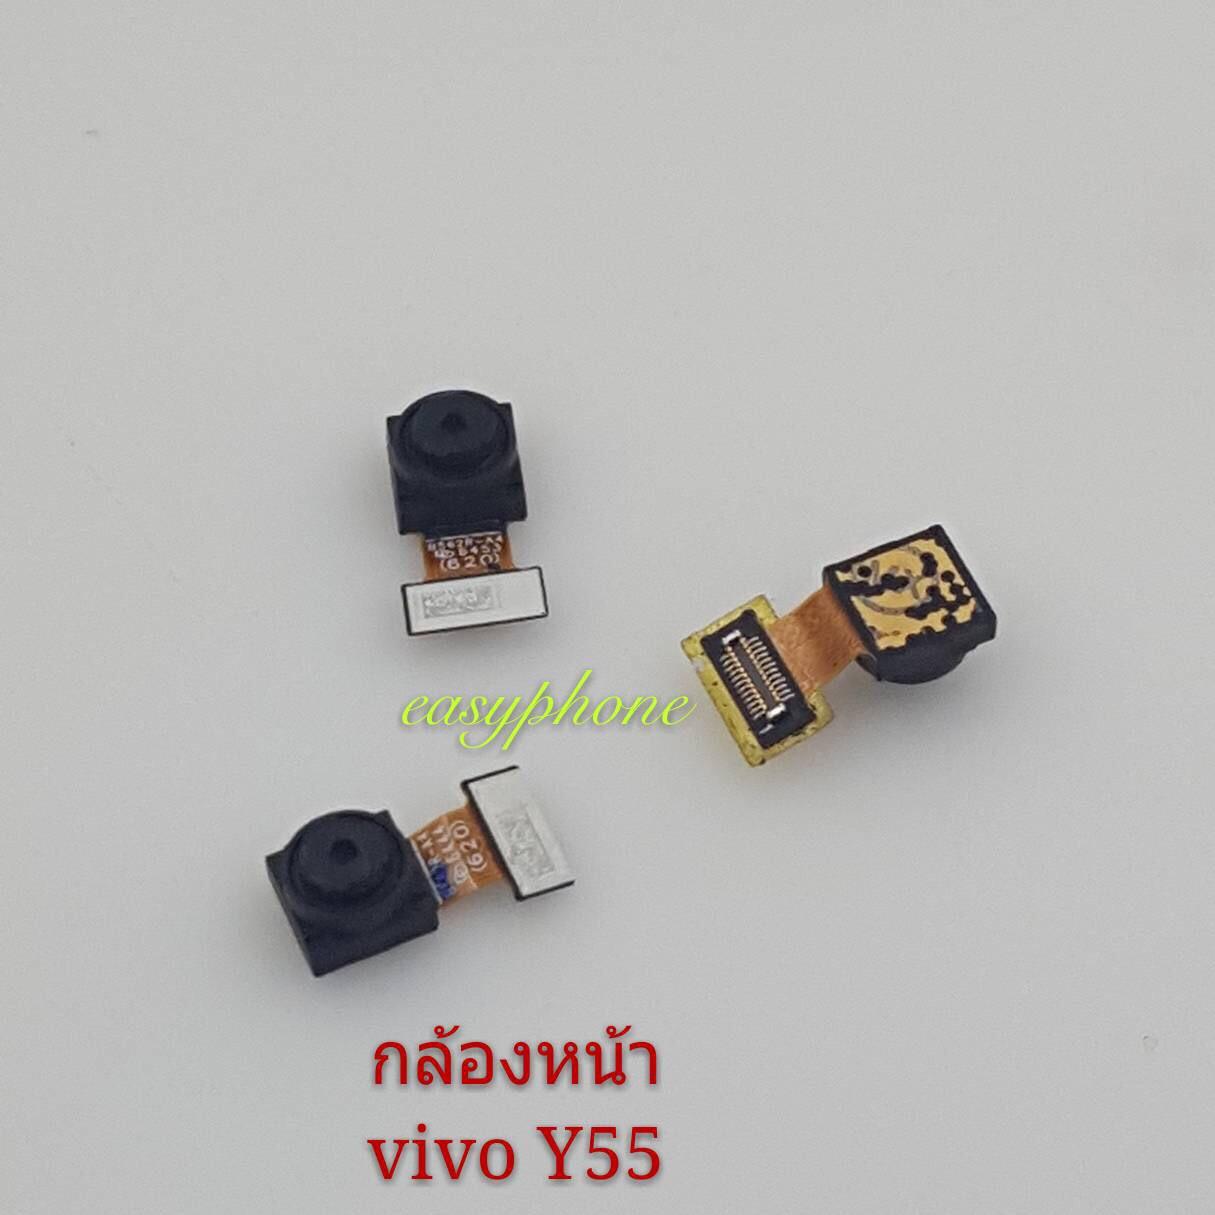 สายแพรกล้องหน้า Vivo Y55